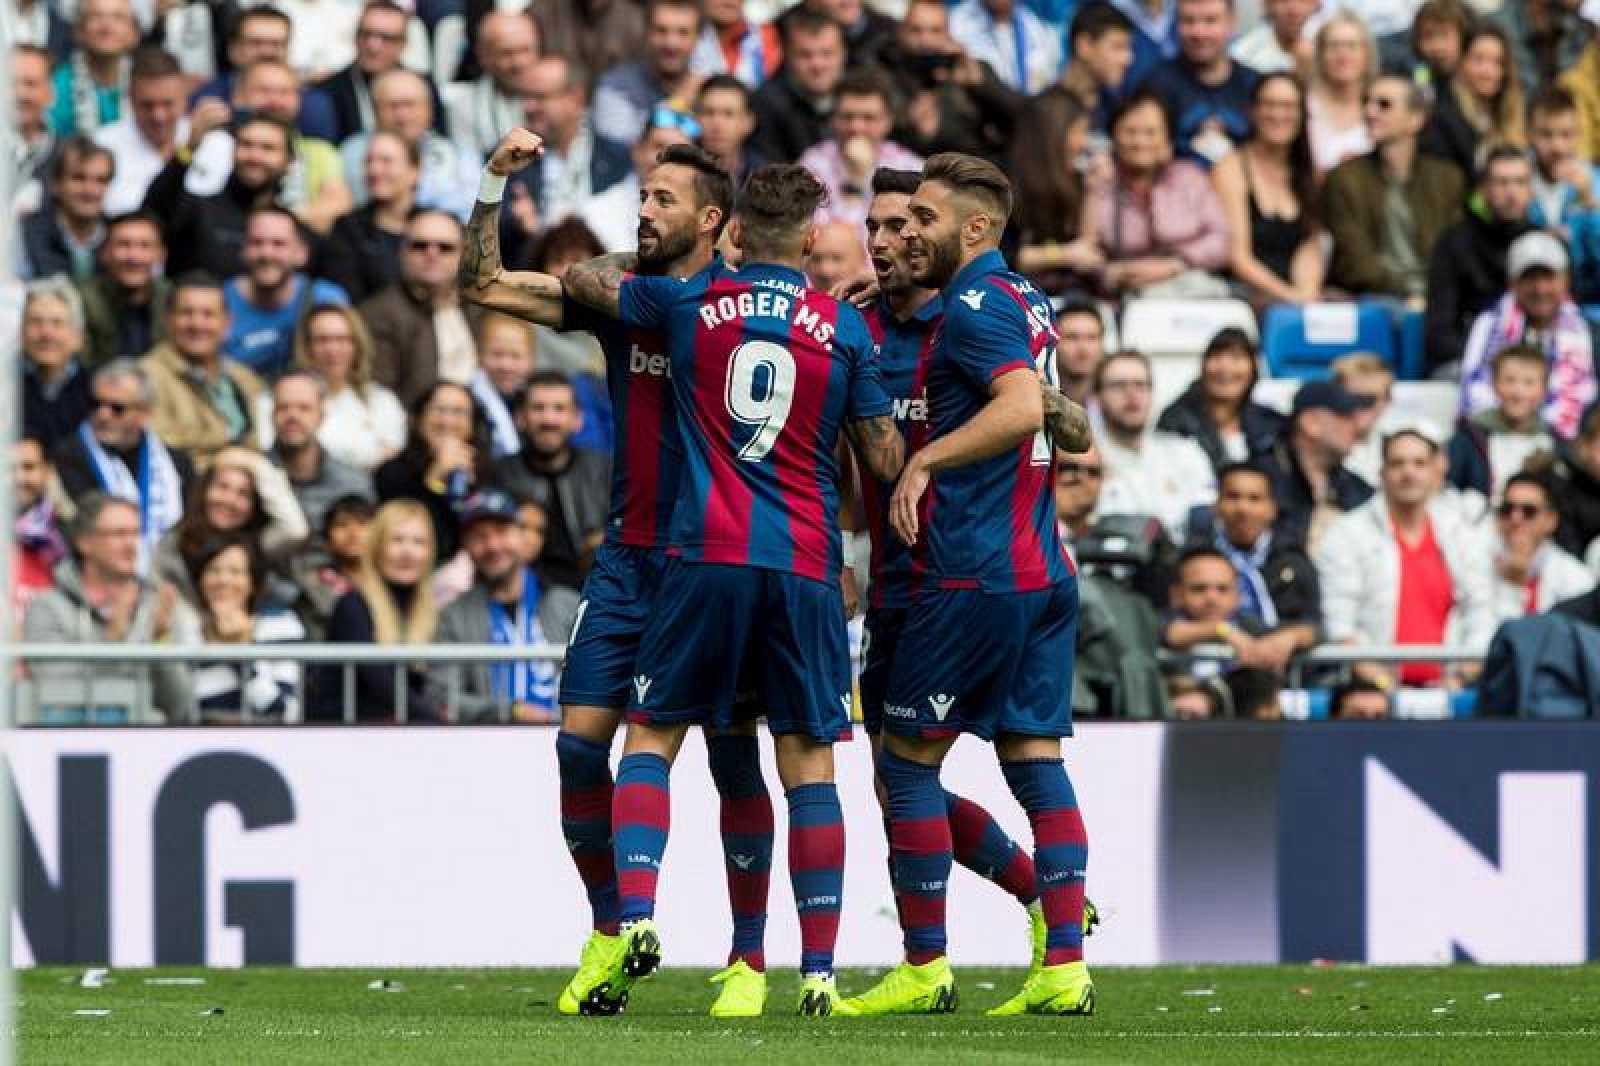 Jornada 9   Real Madrid 1-2 Levante   El Levante sacude el Bernabéu y deja  a Lopetegui más fuera que dentro - RTVE.es